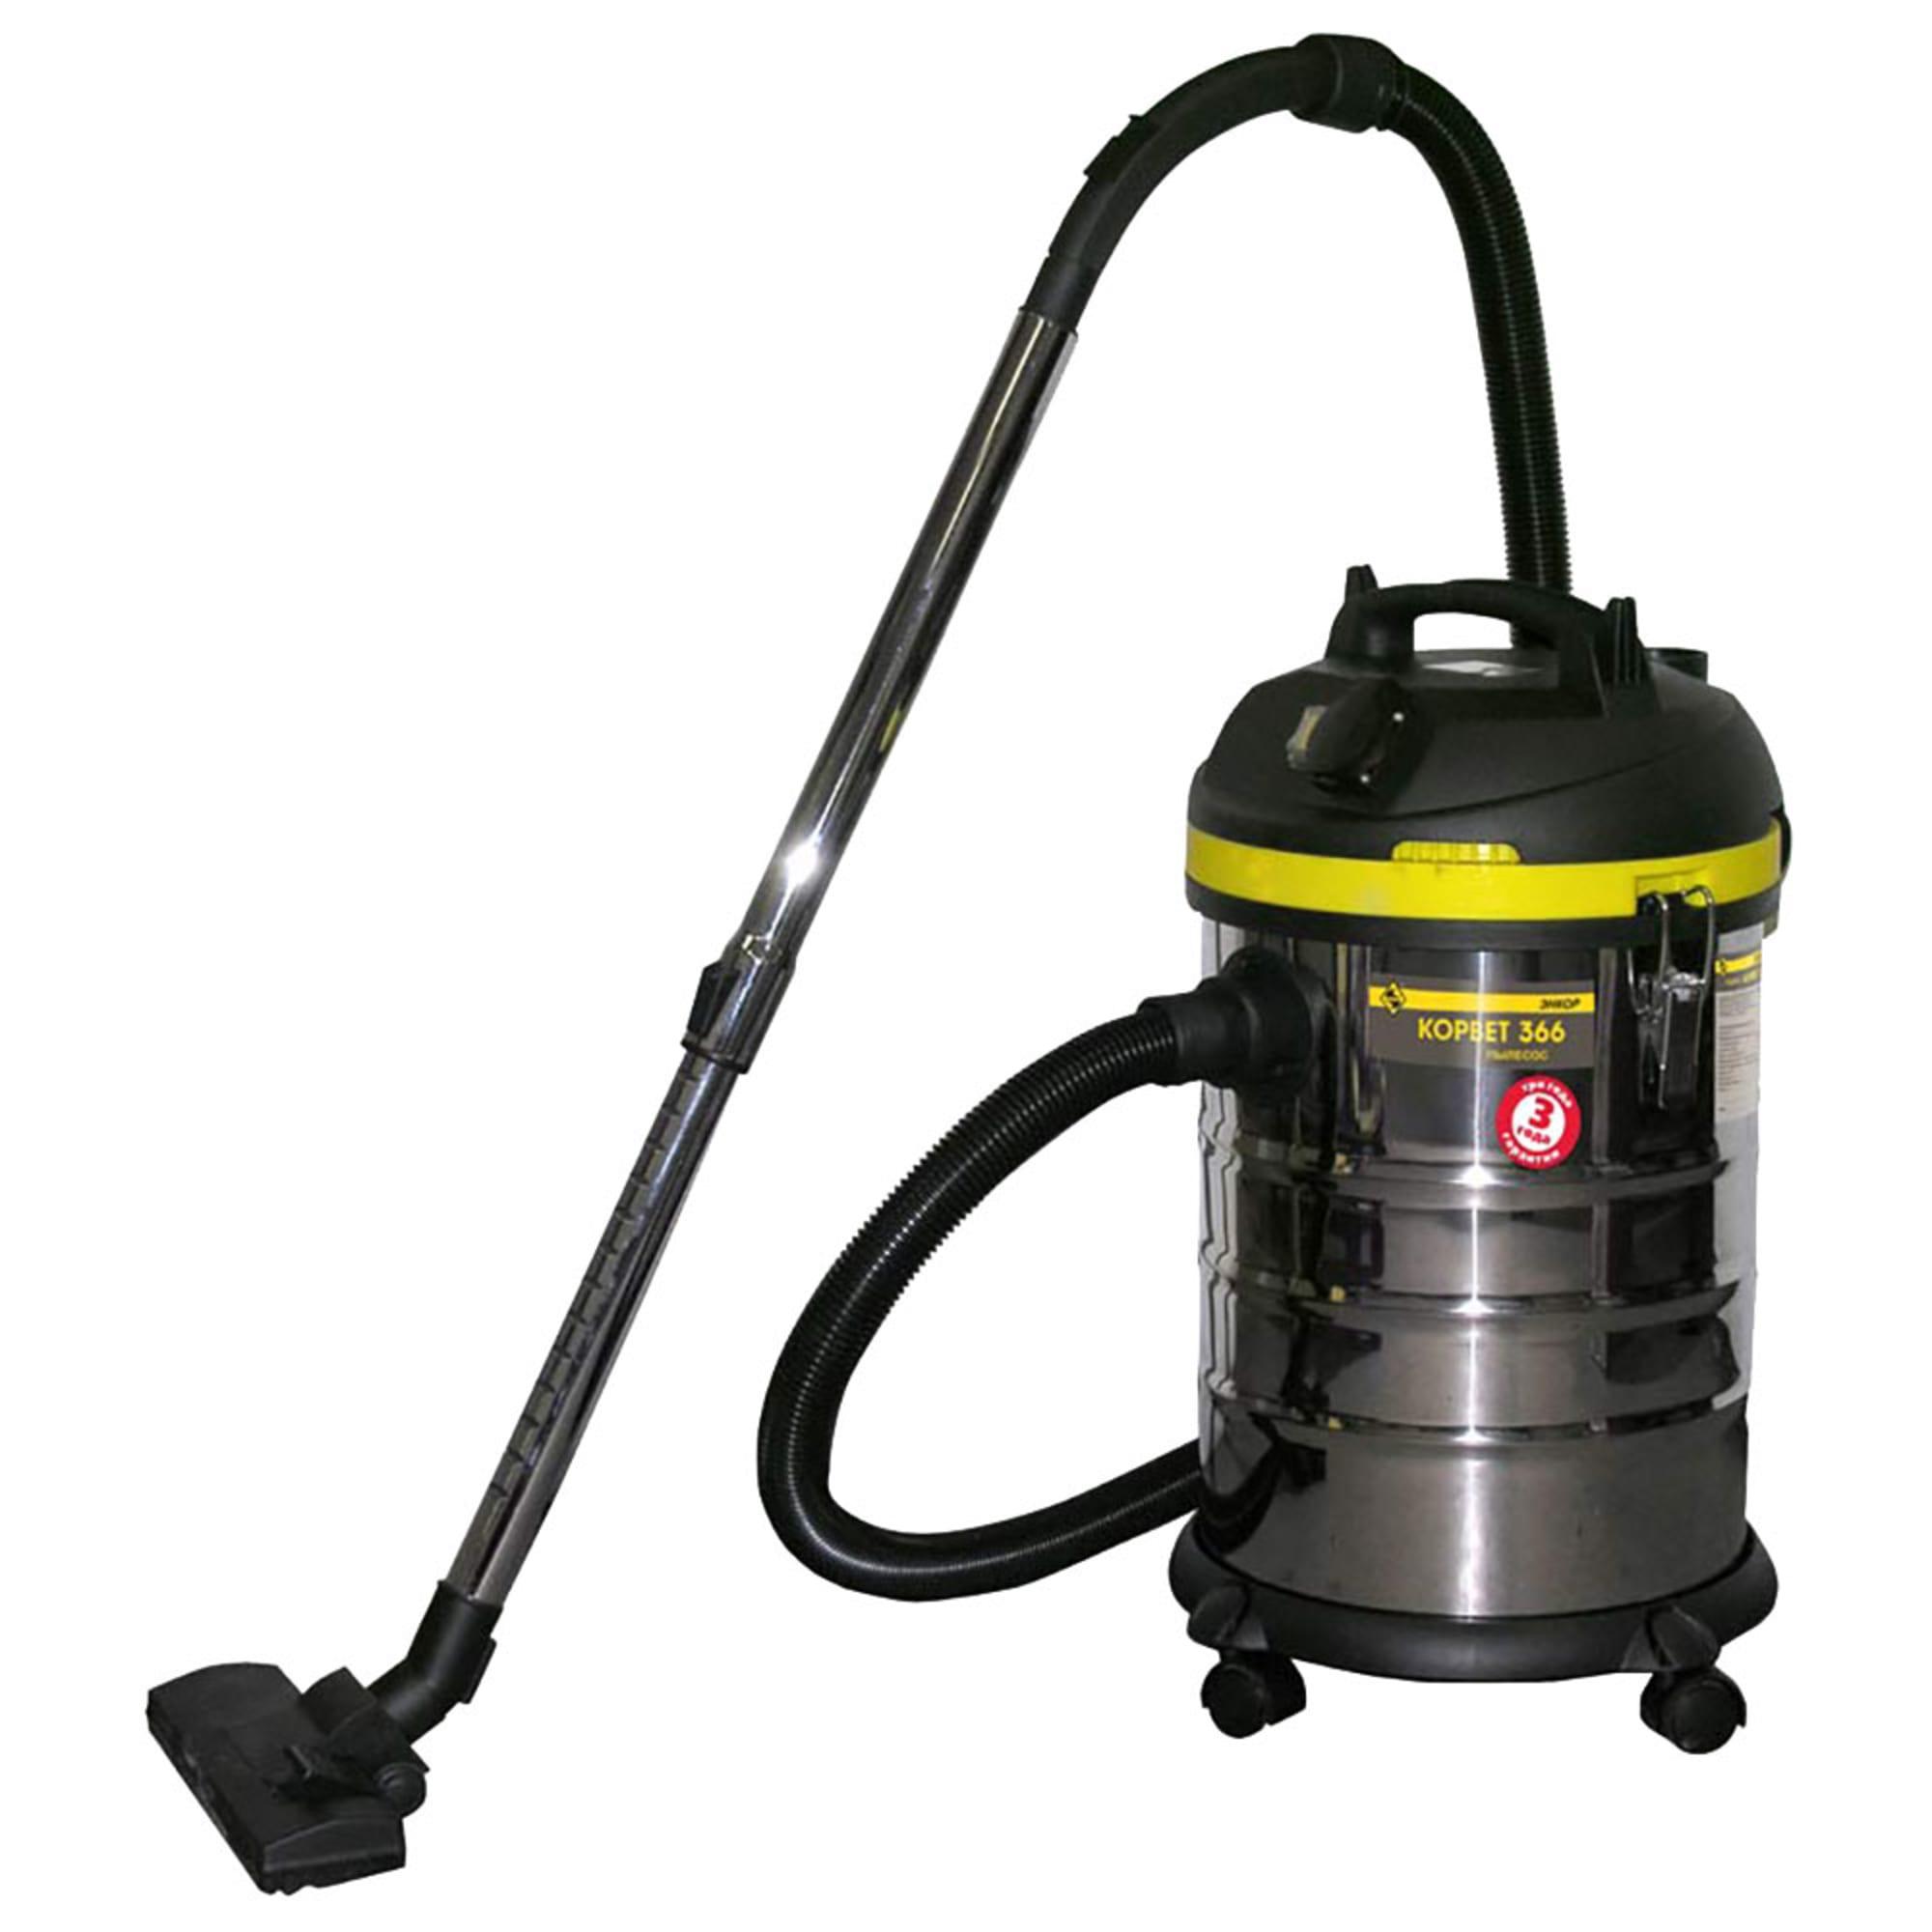 Пылесос Энкор Корвет 366, для влажной и сухой уборки, 1400 Вт, 93660